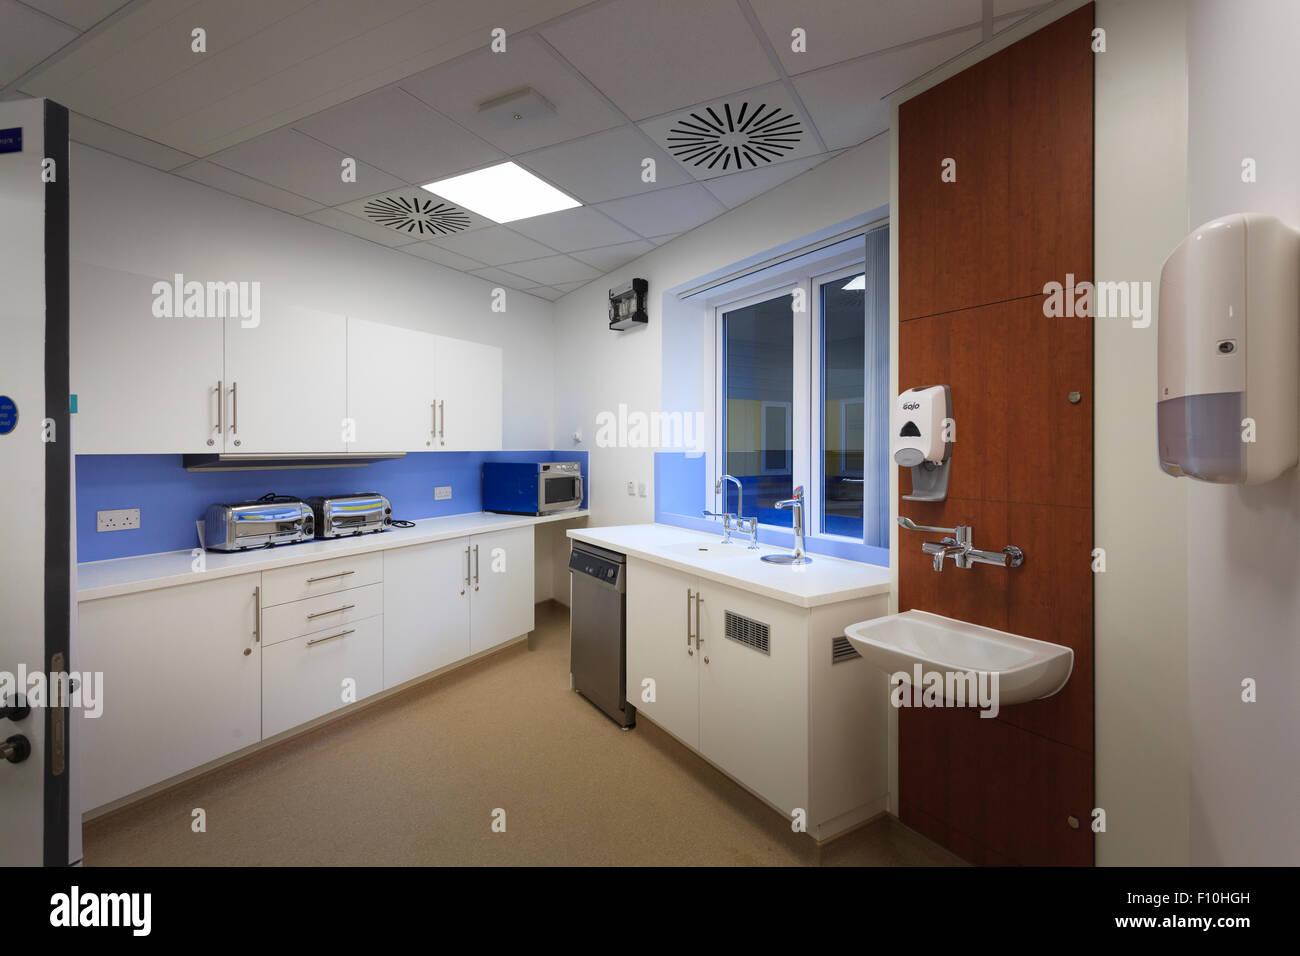 Neues Krankenhaus Ward Küche ohne Menschen Stockbild